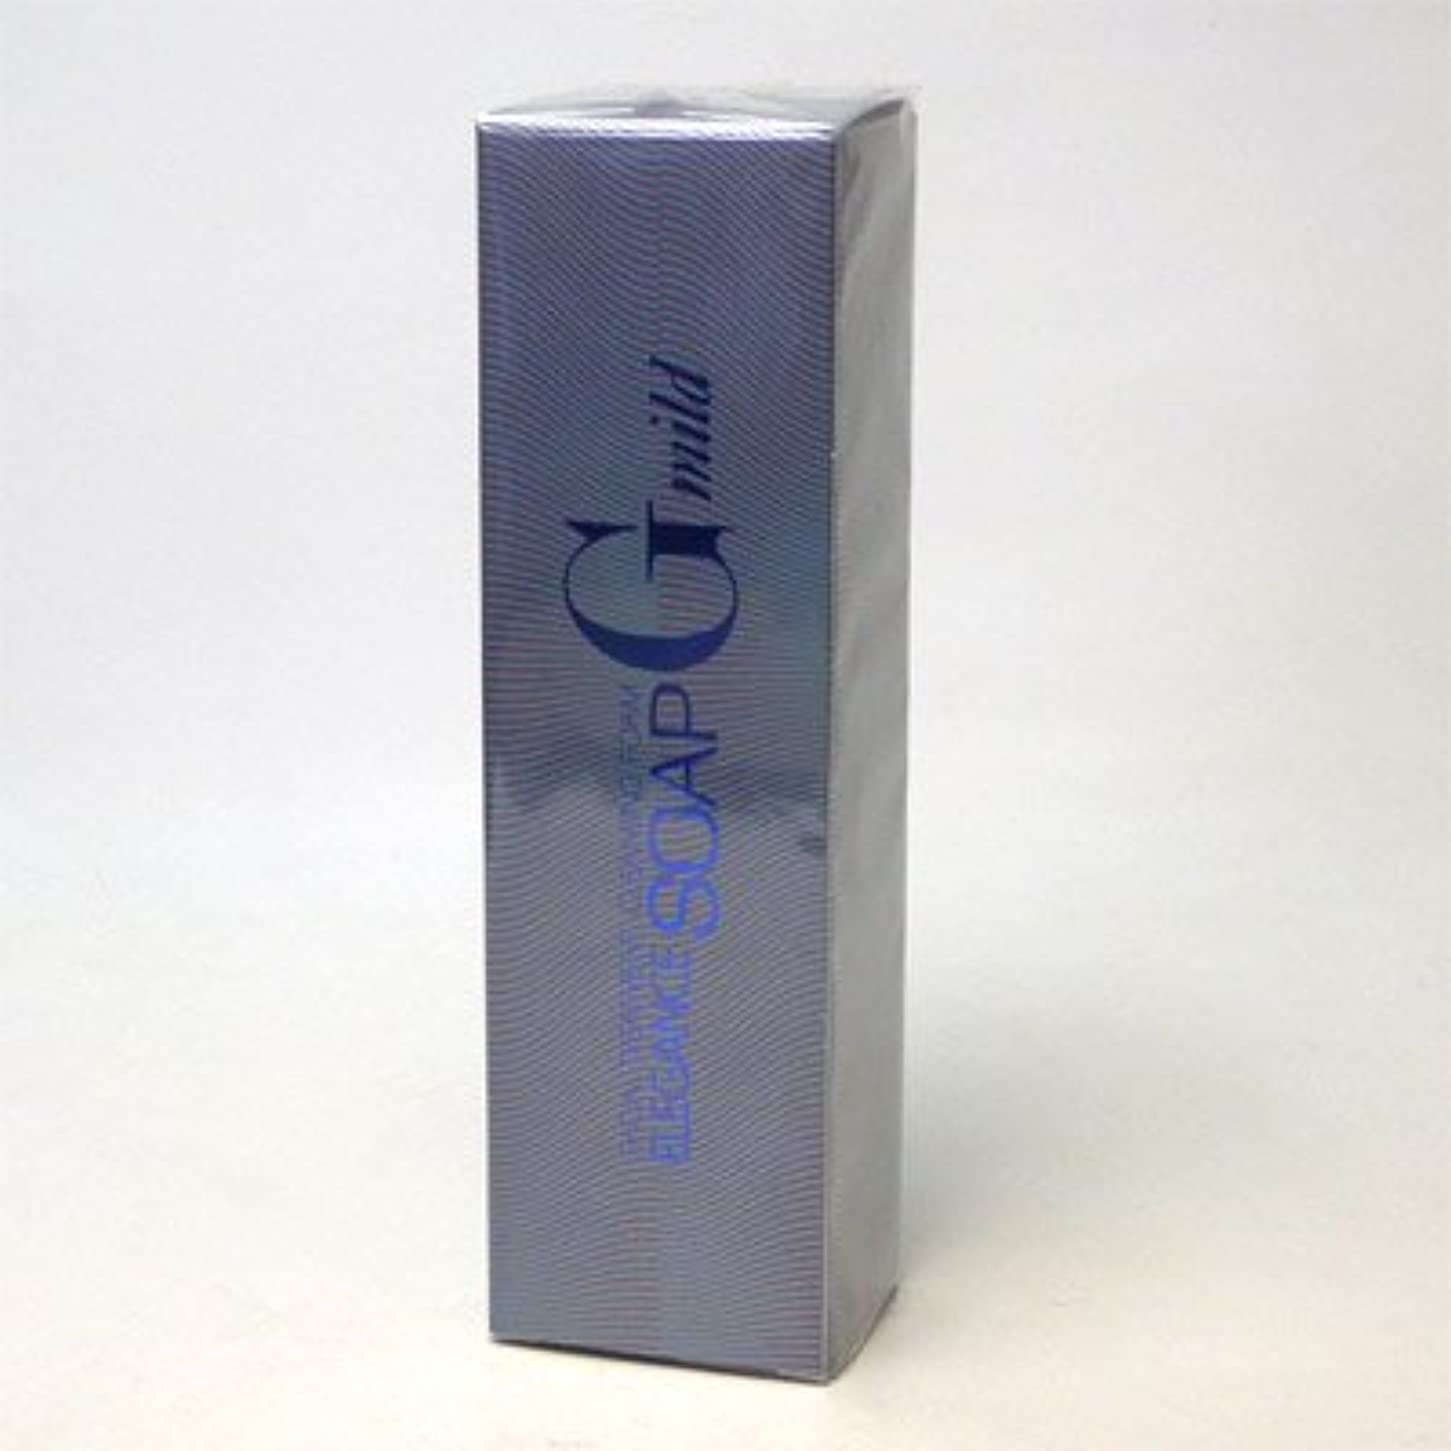 逆説黒批判ジュポン化粧品 エレガンスソープ Gマイルド 120g